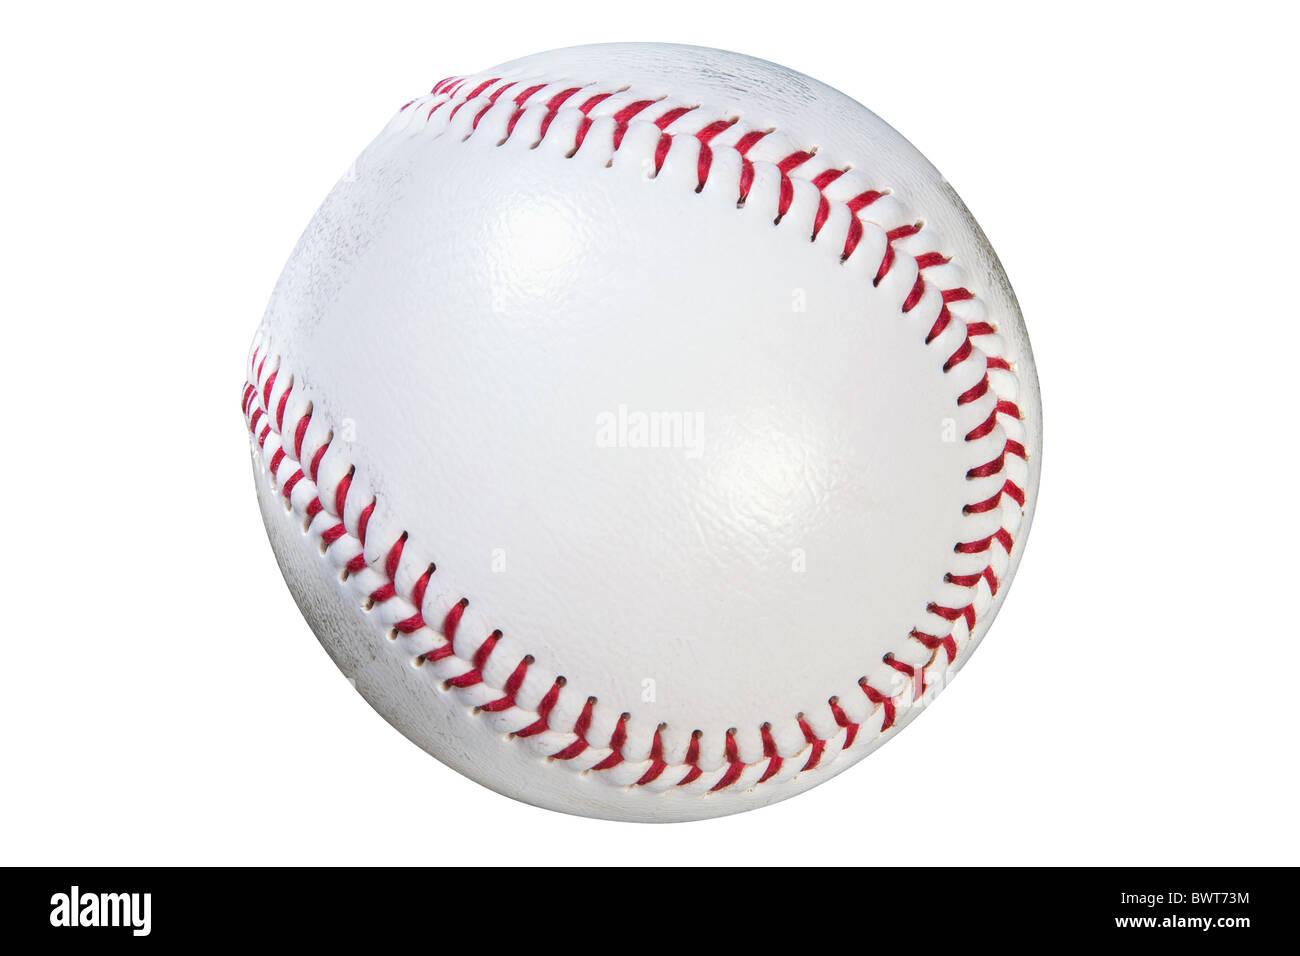 Foto di un baseball isolato su sfondo bianco con percorso di clipping fatto utilizzando lo strumento penna. Immagini Stock